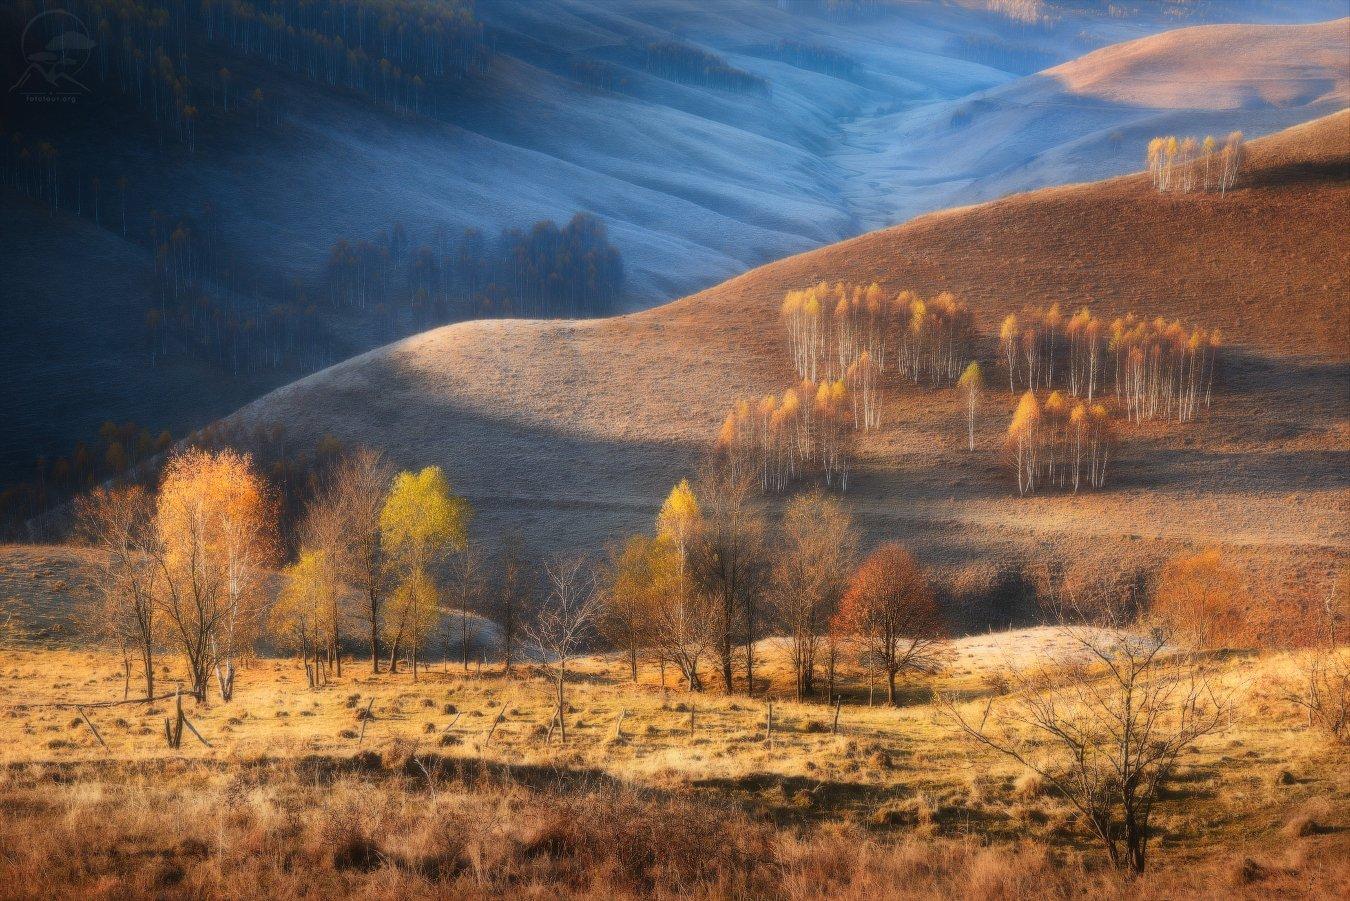 румыния, трансильвания, карпаты, горы, осень, пейзаж, иней, Гордиенко Анатолий